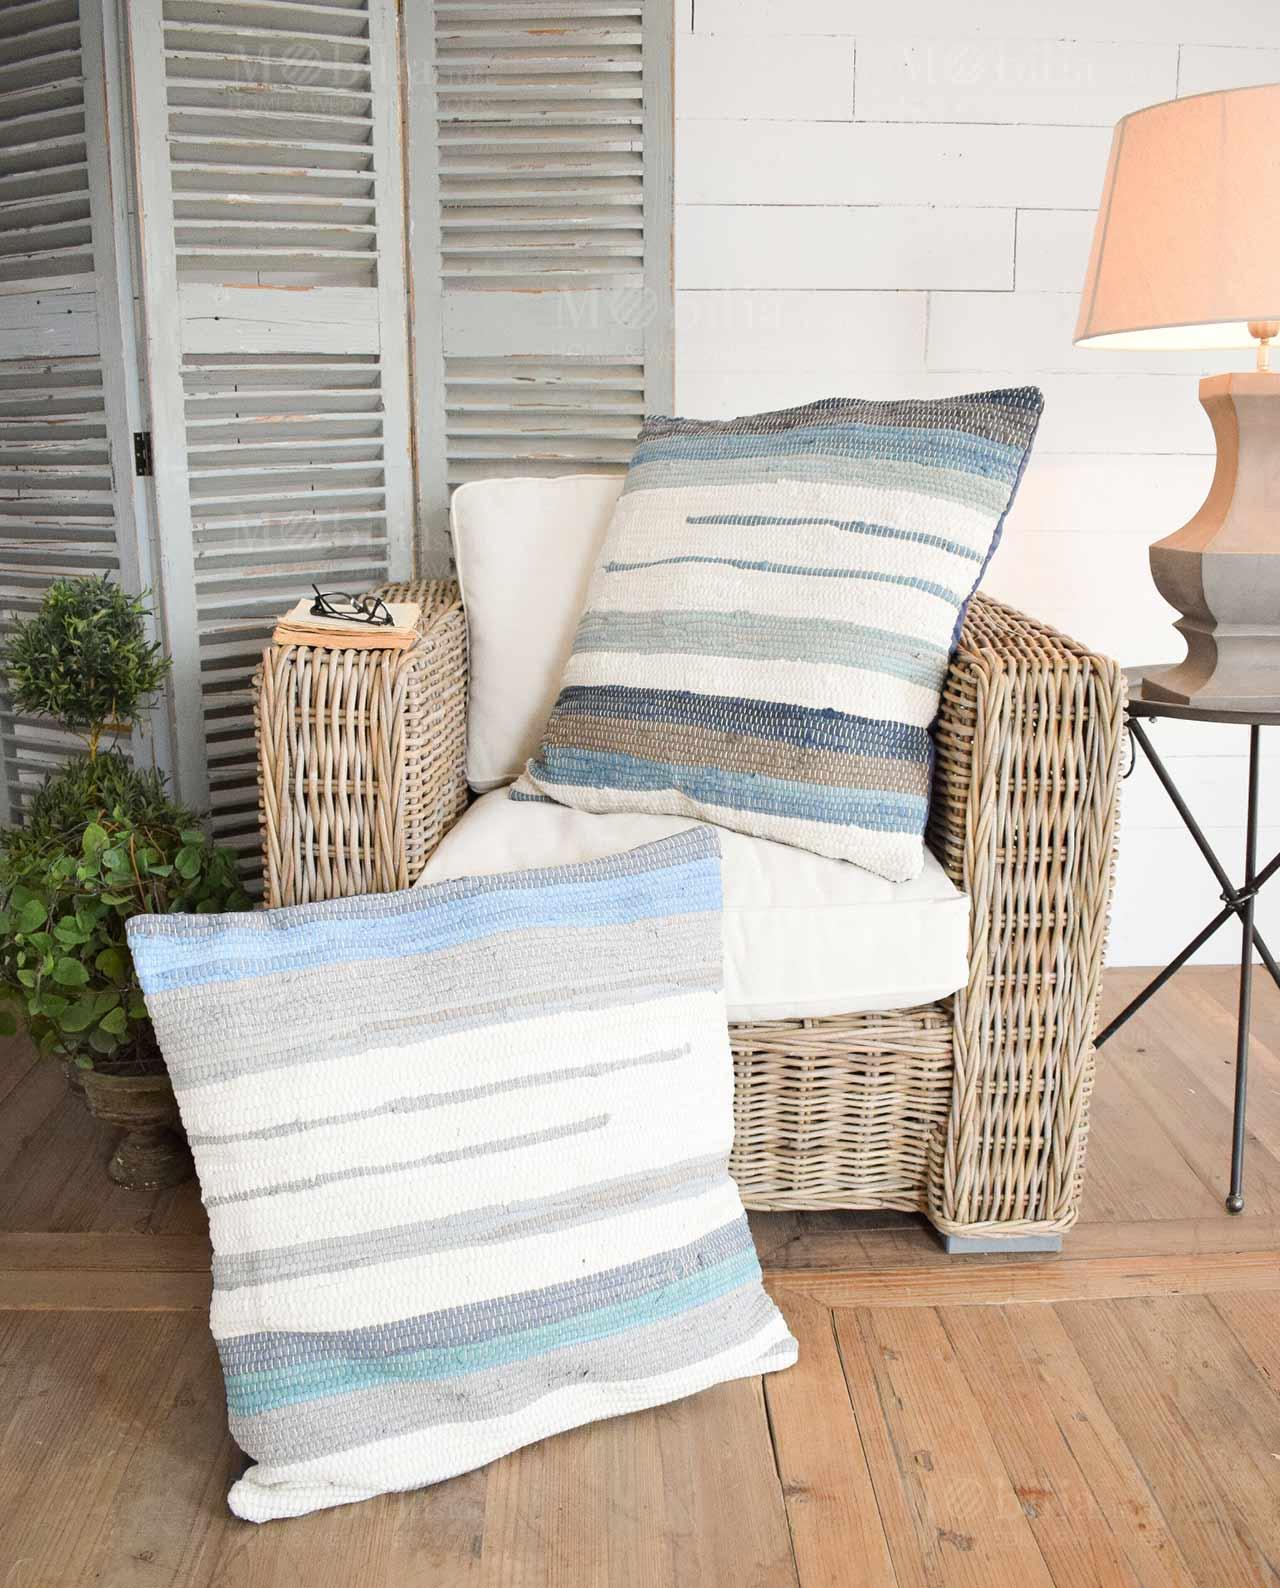 Cuscini Bianchi E Blu.Set 2 Cuscini Grandi Bianchi E Blu Mobilia Store Home Favours